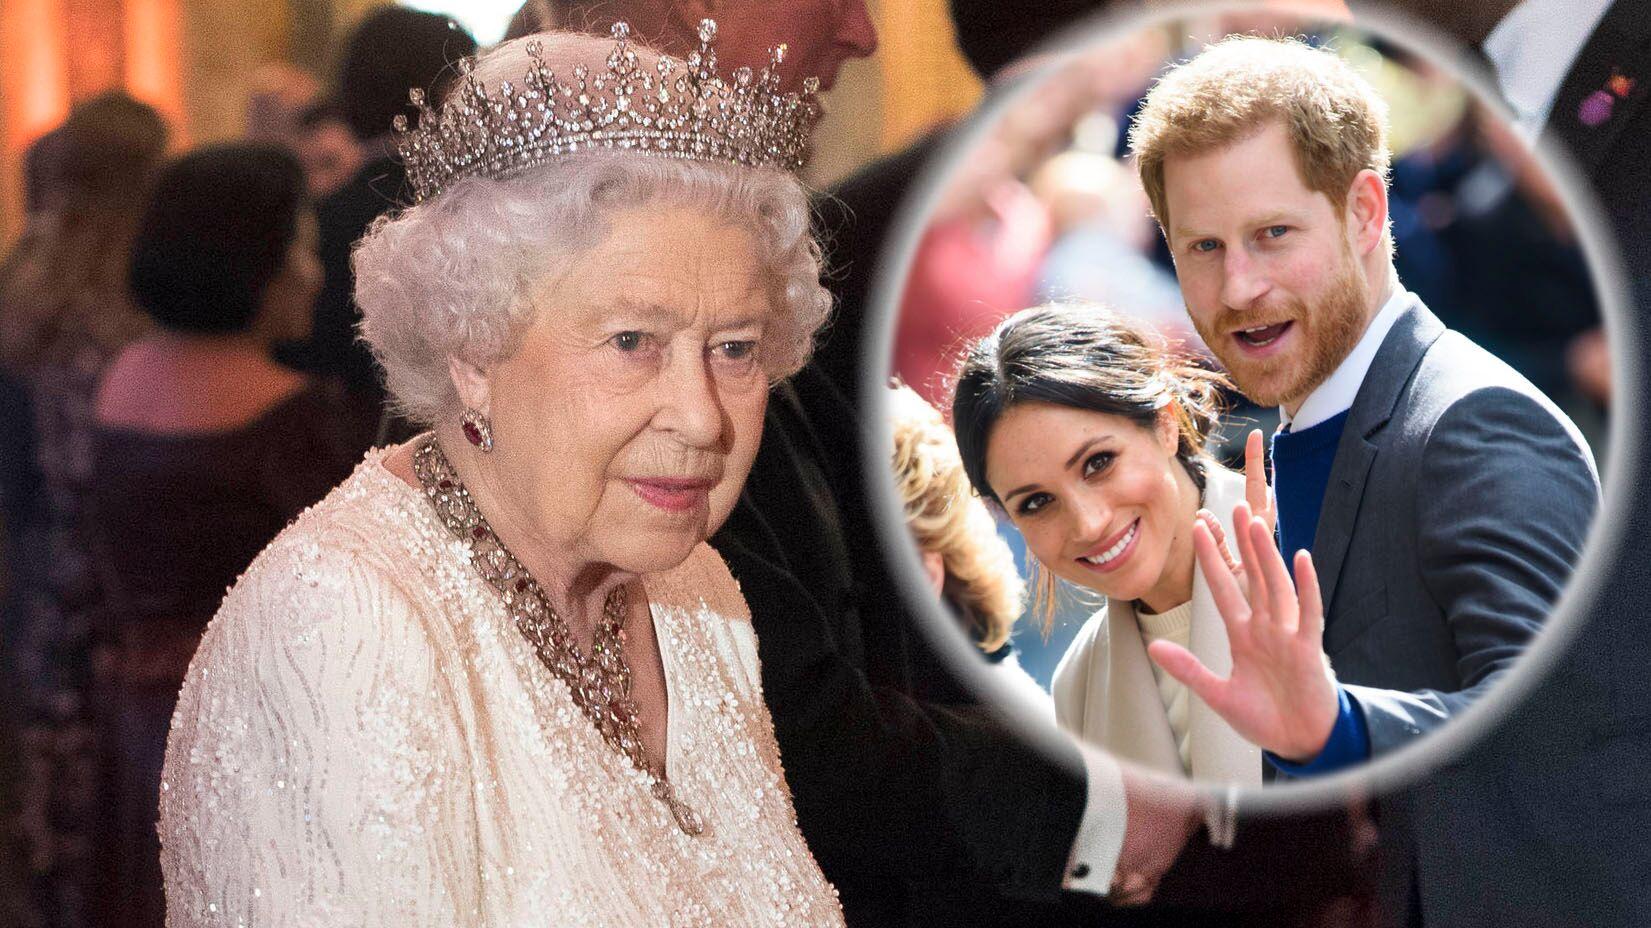 Mariage de Harry et Meghan Markle  le drame qui a poussé Elizabeth II à  donner sa bénédiction , Voici